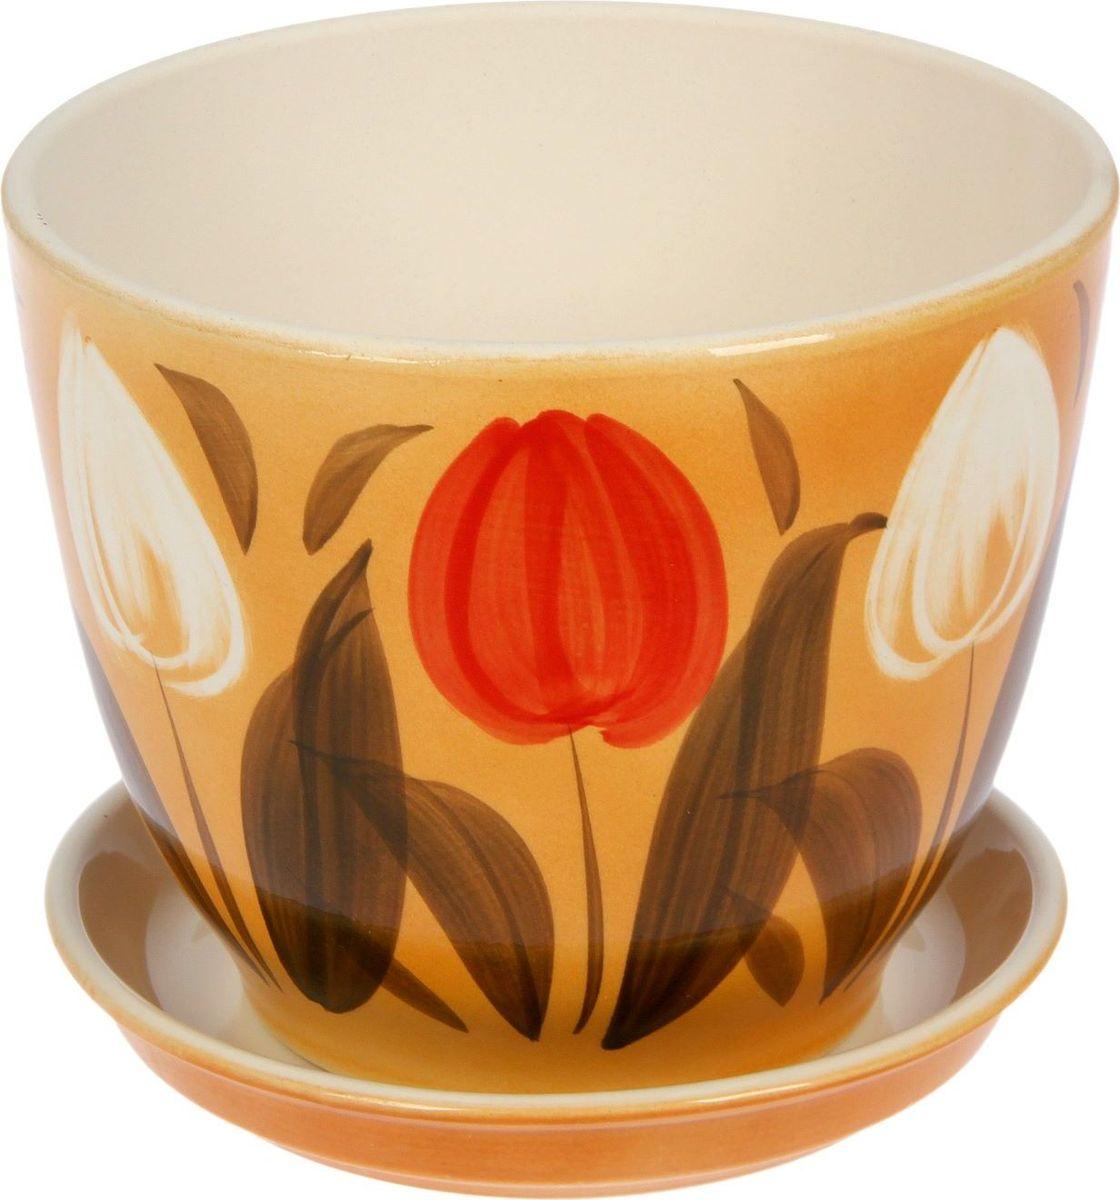 Кашпо Керамика ручной работы Кедр. Тюльпан, 2,2 л1099344Комнатные растения - всеобщие любимцы. Они радуют глаз, насыщают помещение кислородом и украшают пространство. Каждому из них необходим свой удобный и красивый дом. Кашпо из керамики прекрасно подходят для высадки растений:пористый материал позволяет испаряться лишней влаге;воздух, необходимый для дыхания корней, проникает сквозь керамические стенки. Кашпо Кедр. Тюльпан позаботится о зеленом питомце, освежит интерьер и подчеркнет его стиль.